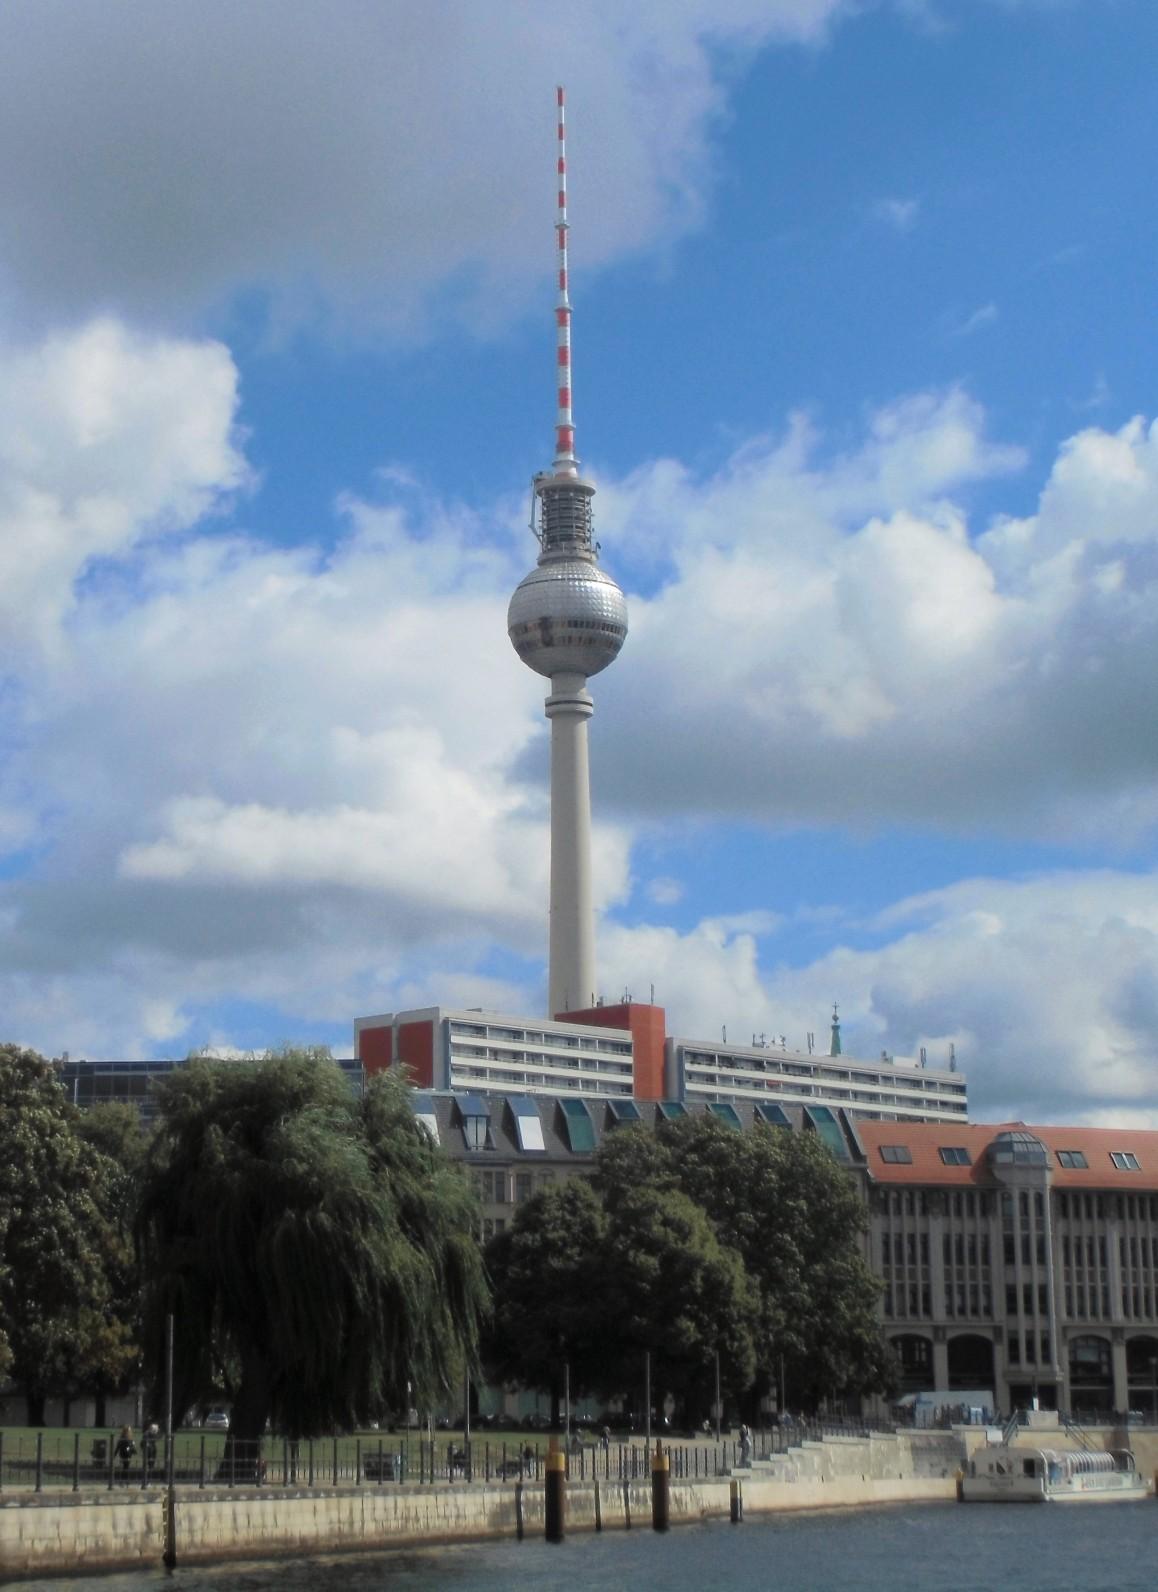 Das altbekannte Wahrzeichen Berlins: Der 368 Meter hohe Fernsehturm